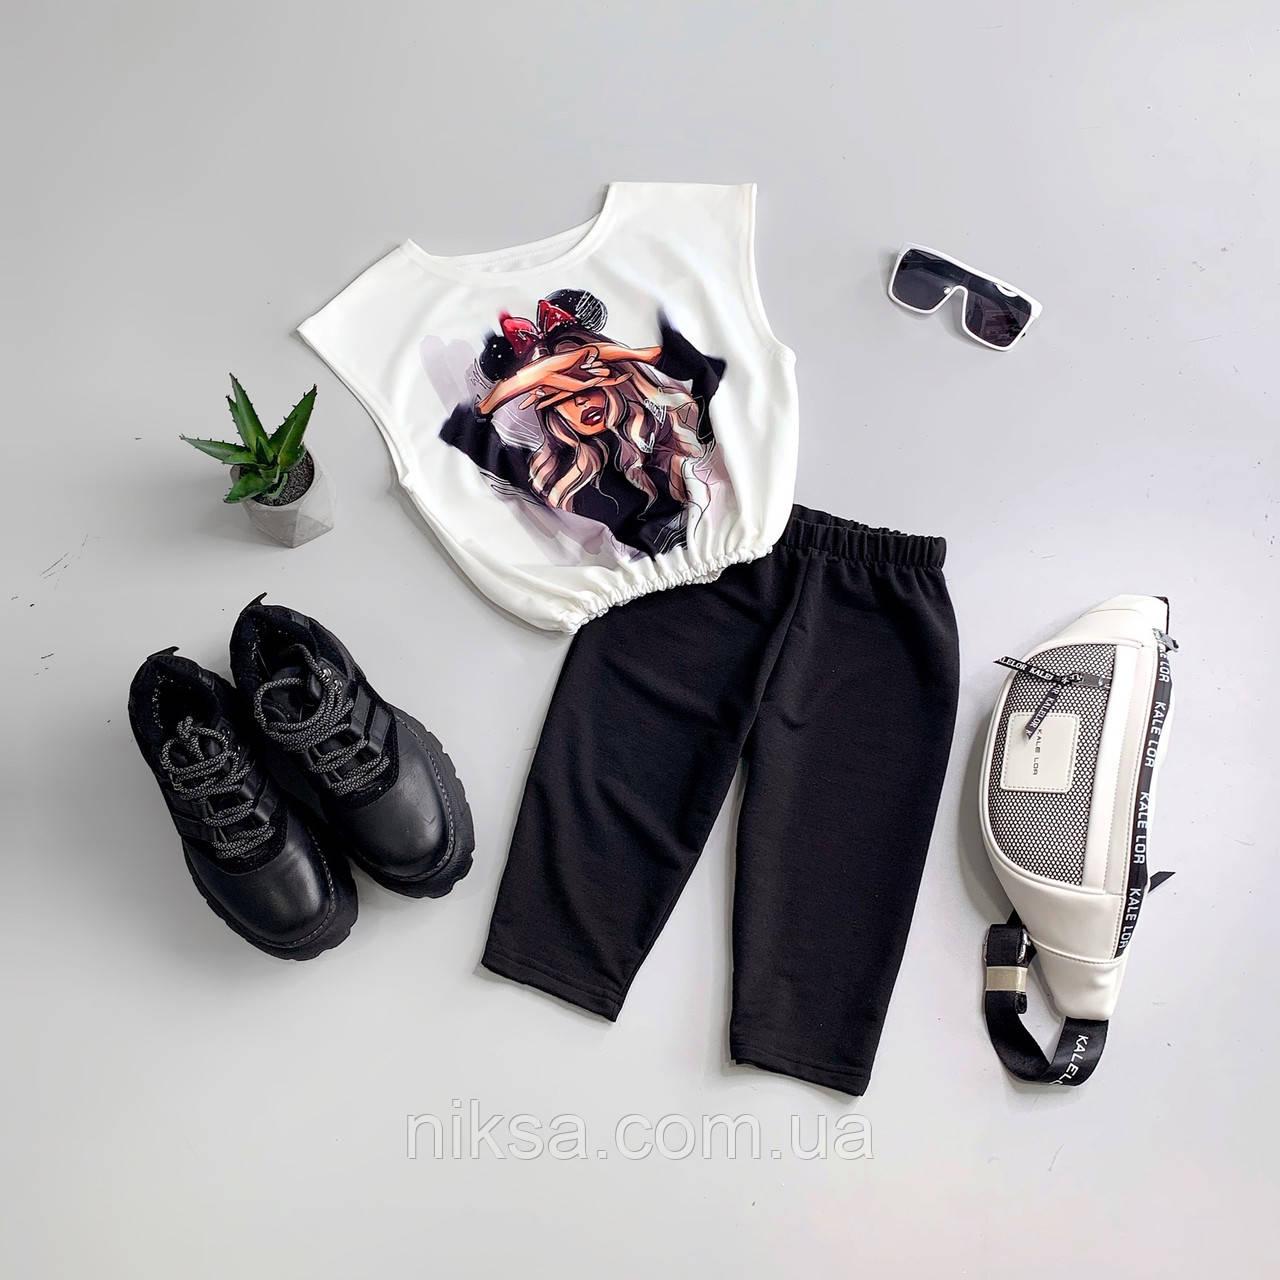 Молодежный спортивный костюм укороченная футболка с принтом и велосипедки